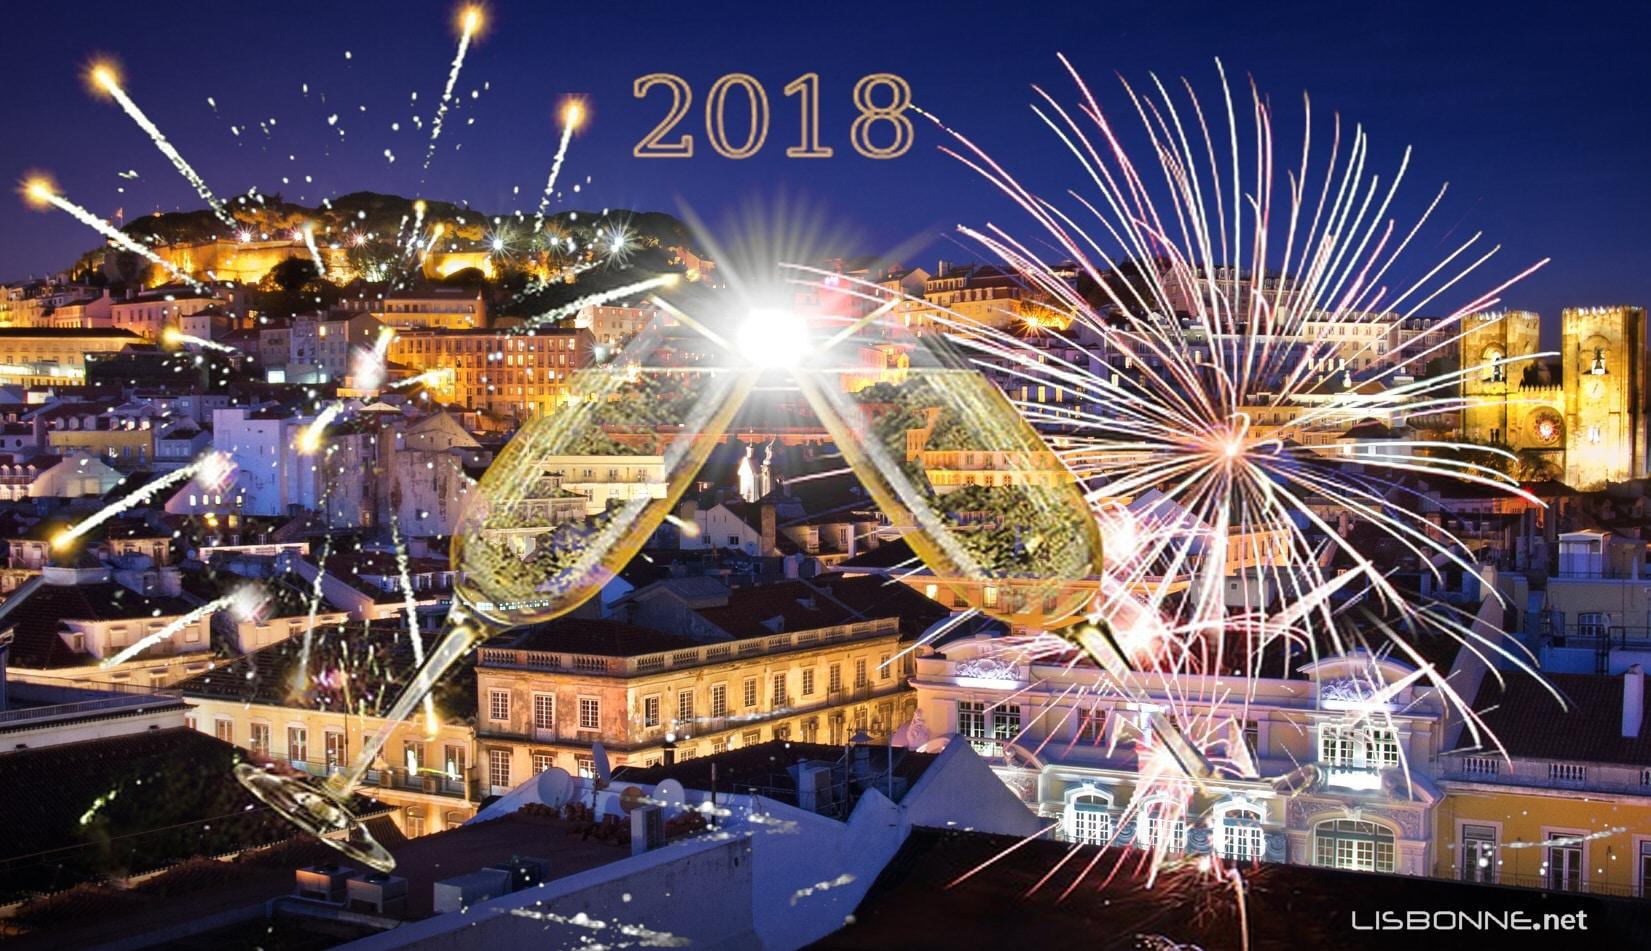 réveillon 2018 à lisbonne